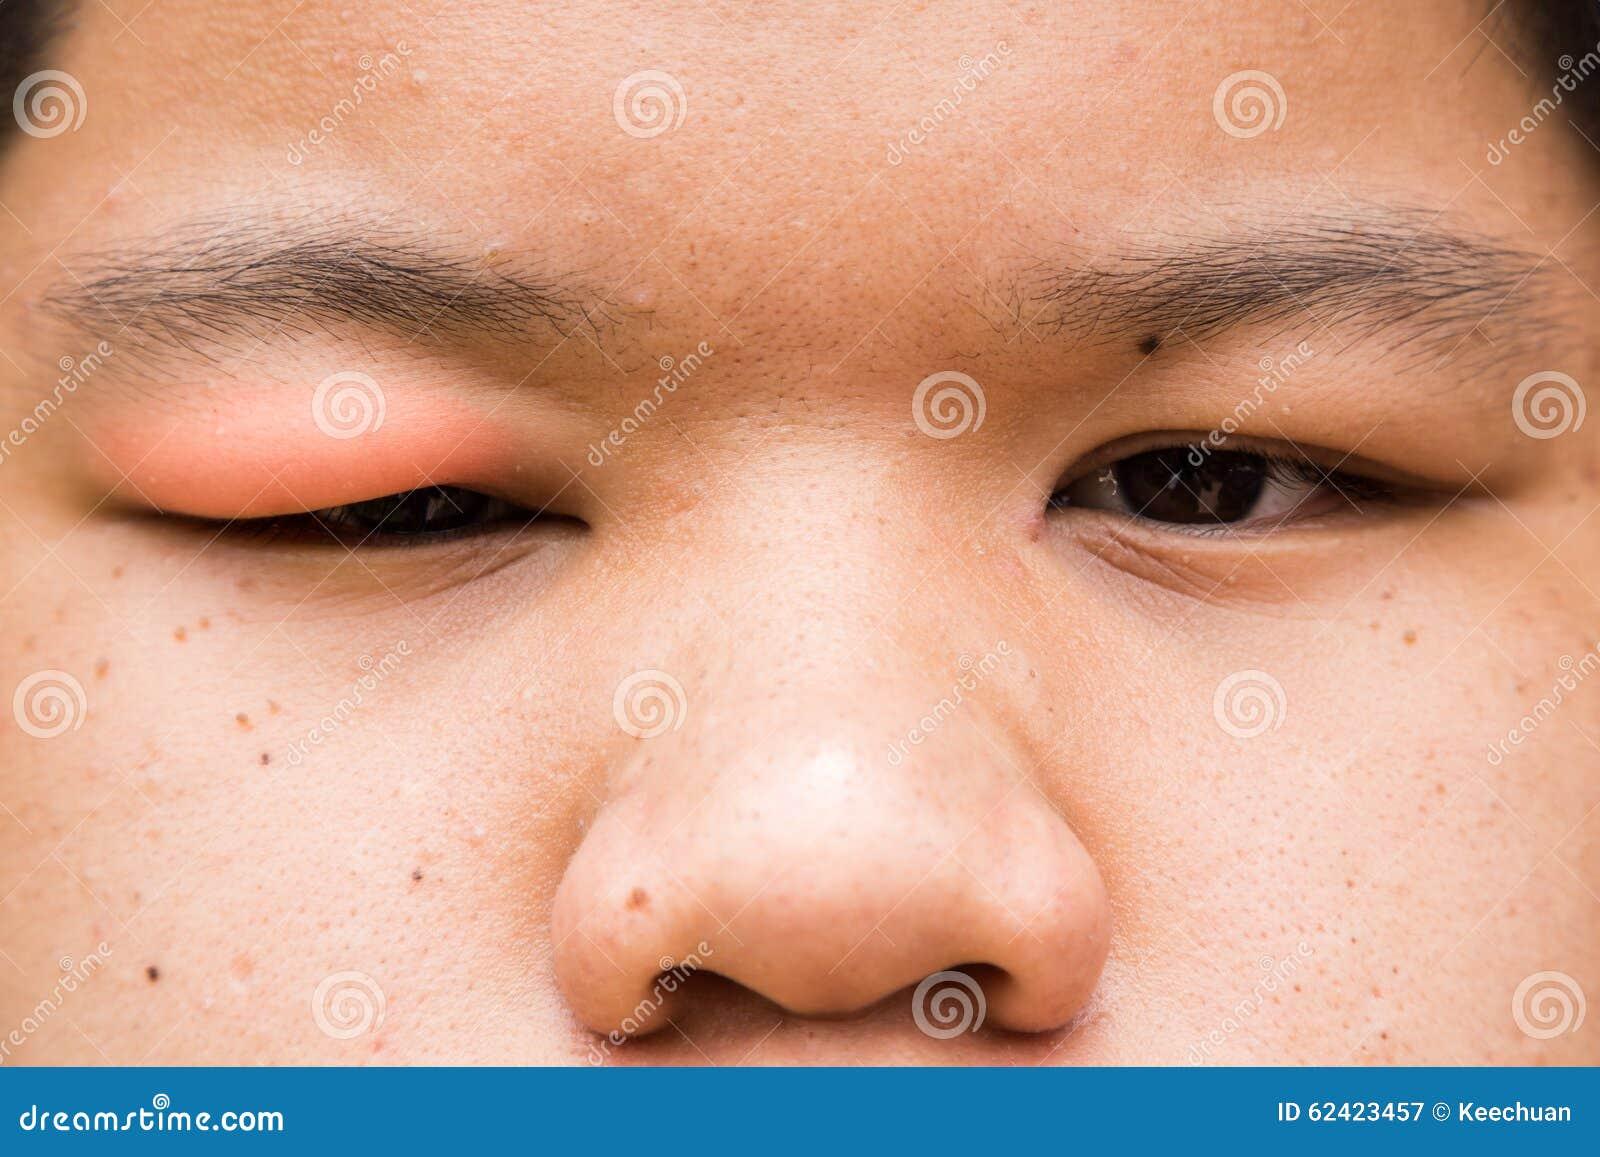 Gezweld rood hoger oogdeksel met begin van gerstkorrelbesmetting